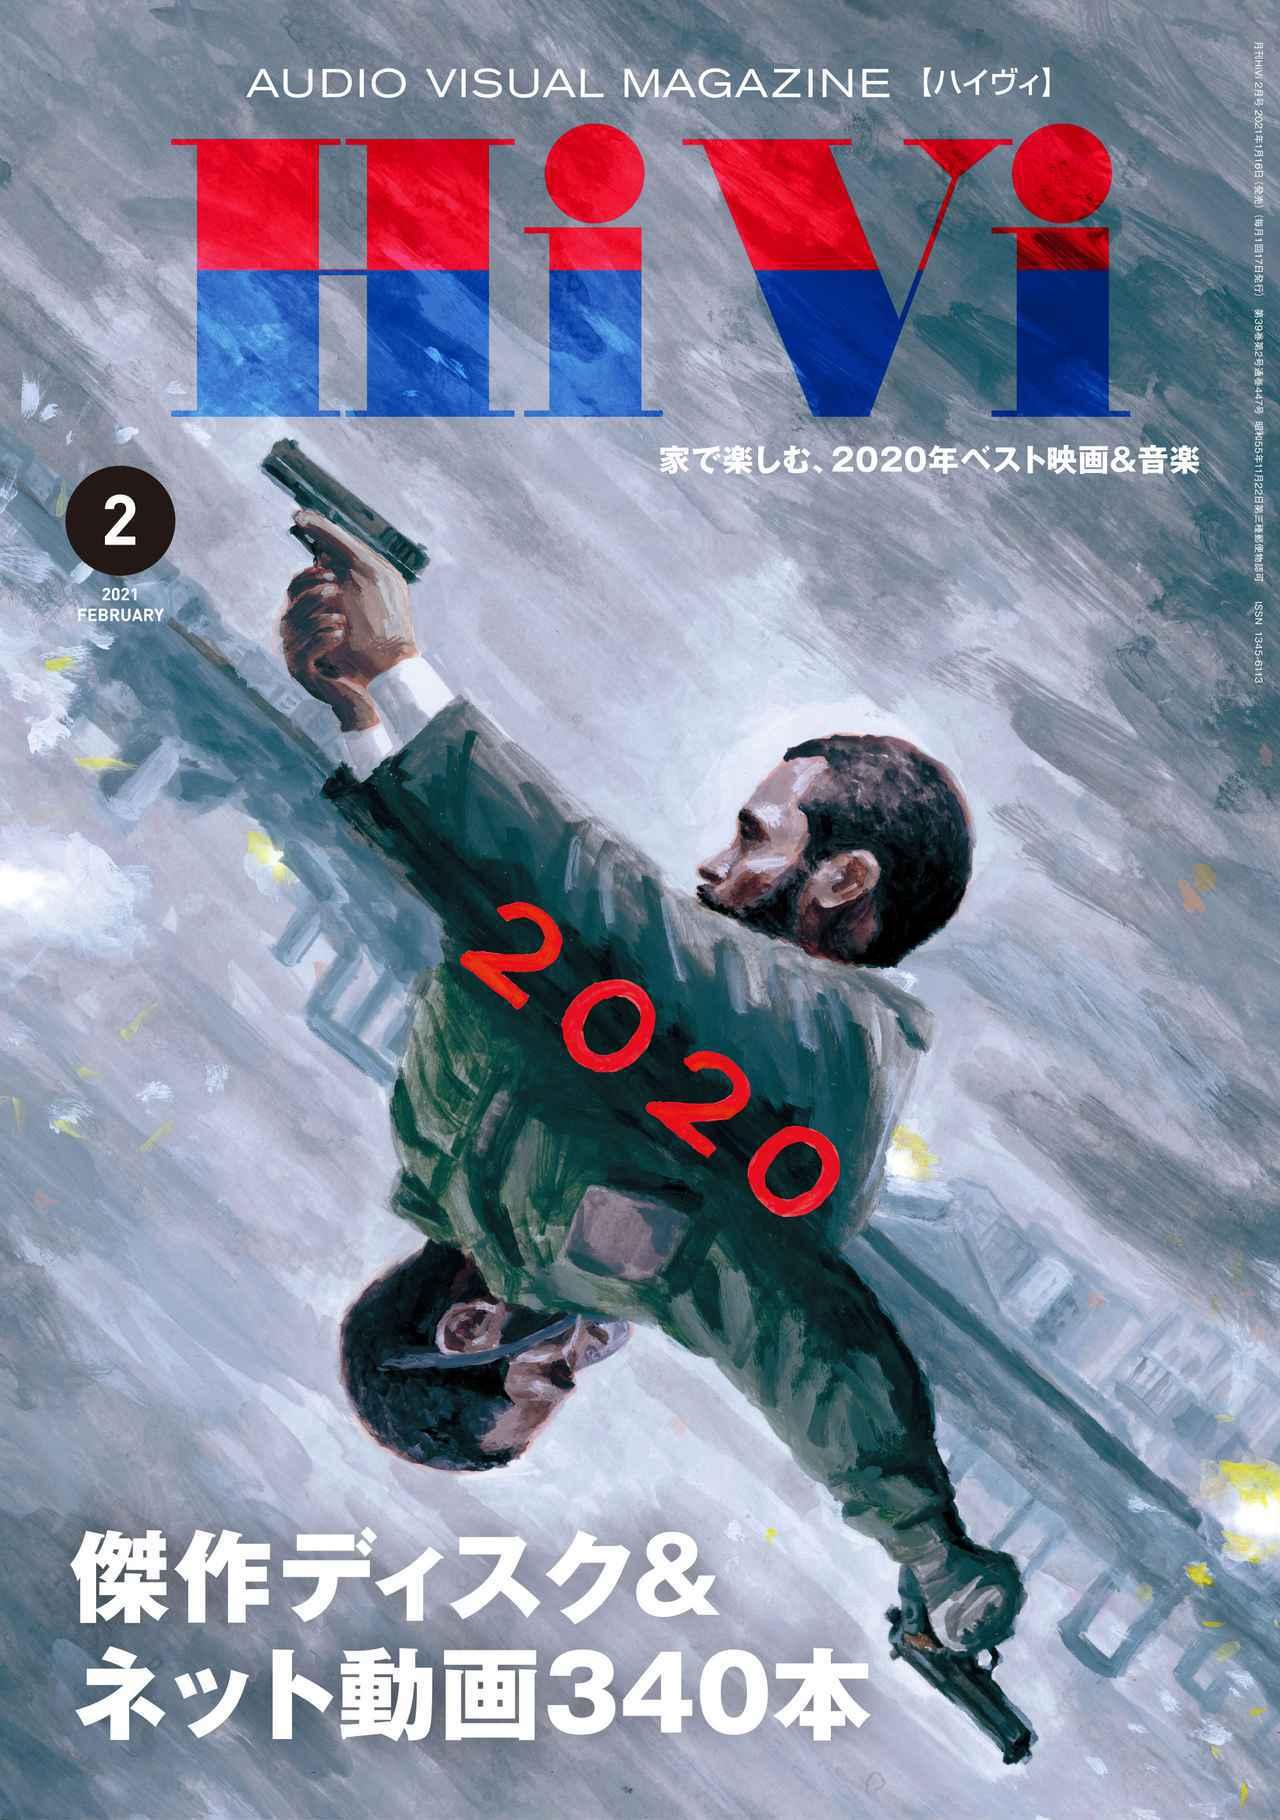 画像: 1月16日発売のHiVi2月号は、「2020年を振り返る、傑作ディスク&ネット動画340本」。巣ごもりのためのガイドブックとなる一冊です